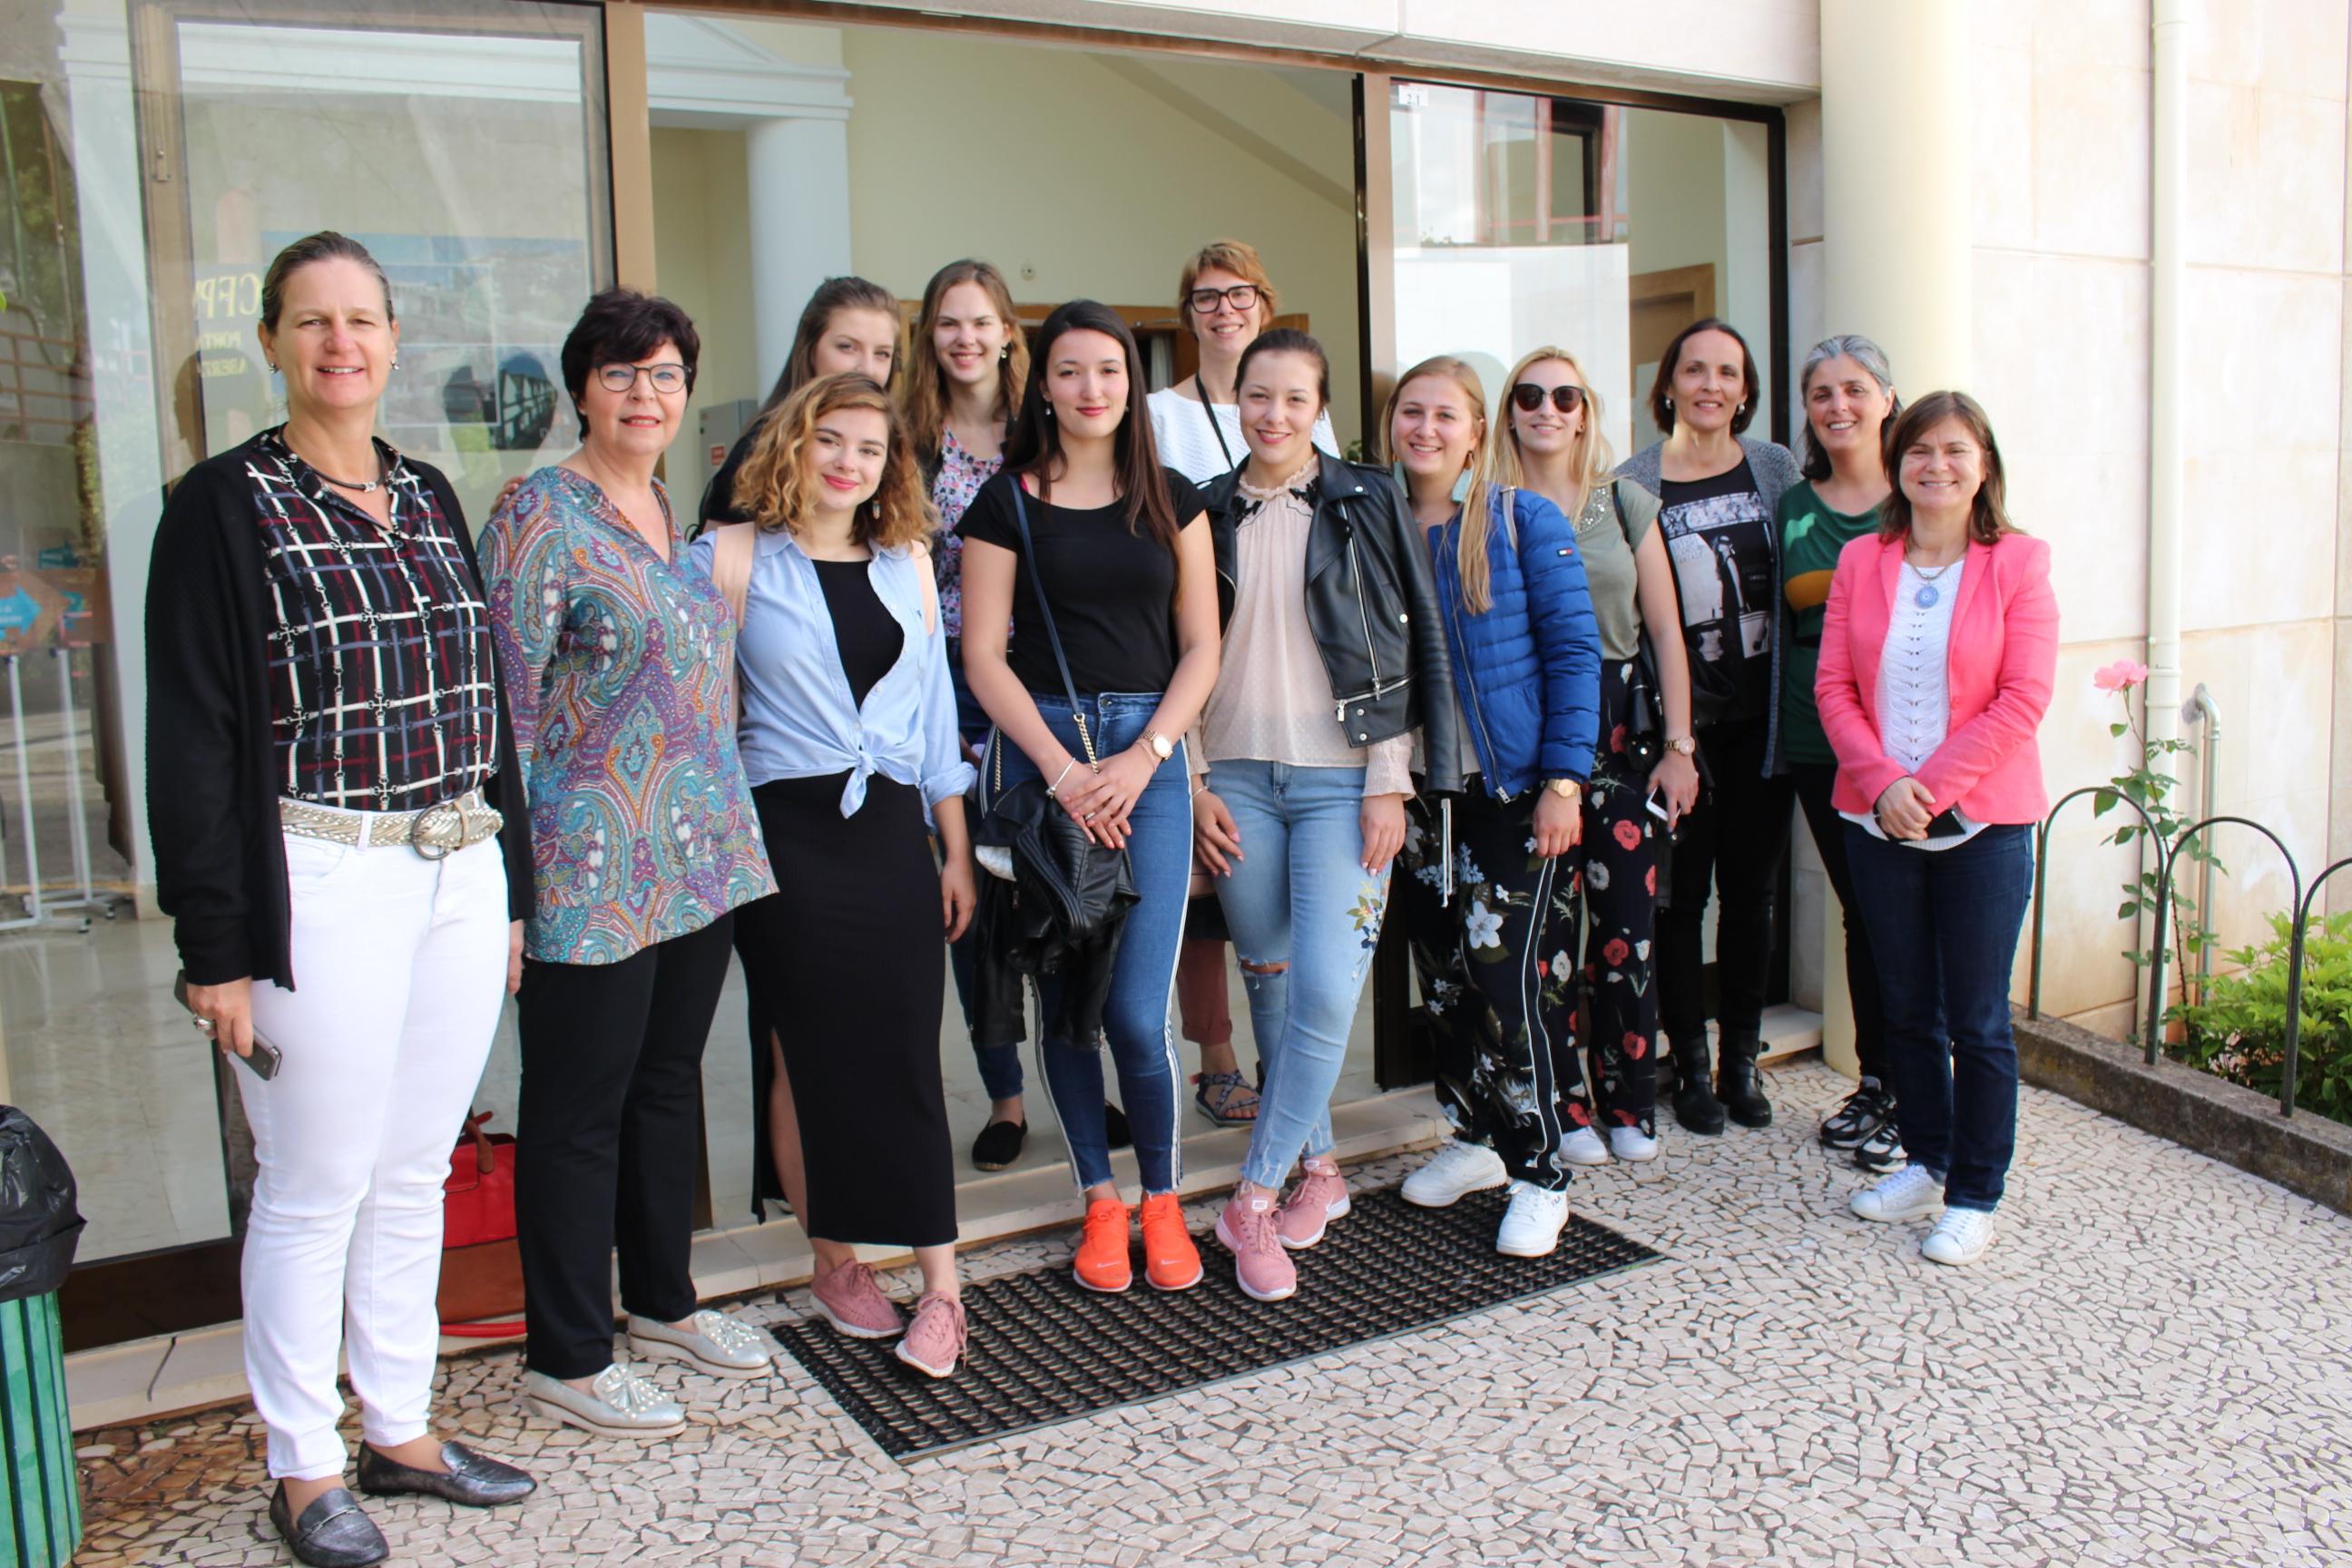 Instituto para a Qualificação, IP-RAM recebe formandas belgas no âmbito do Programa ERASMUS+